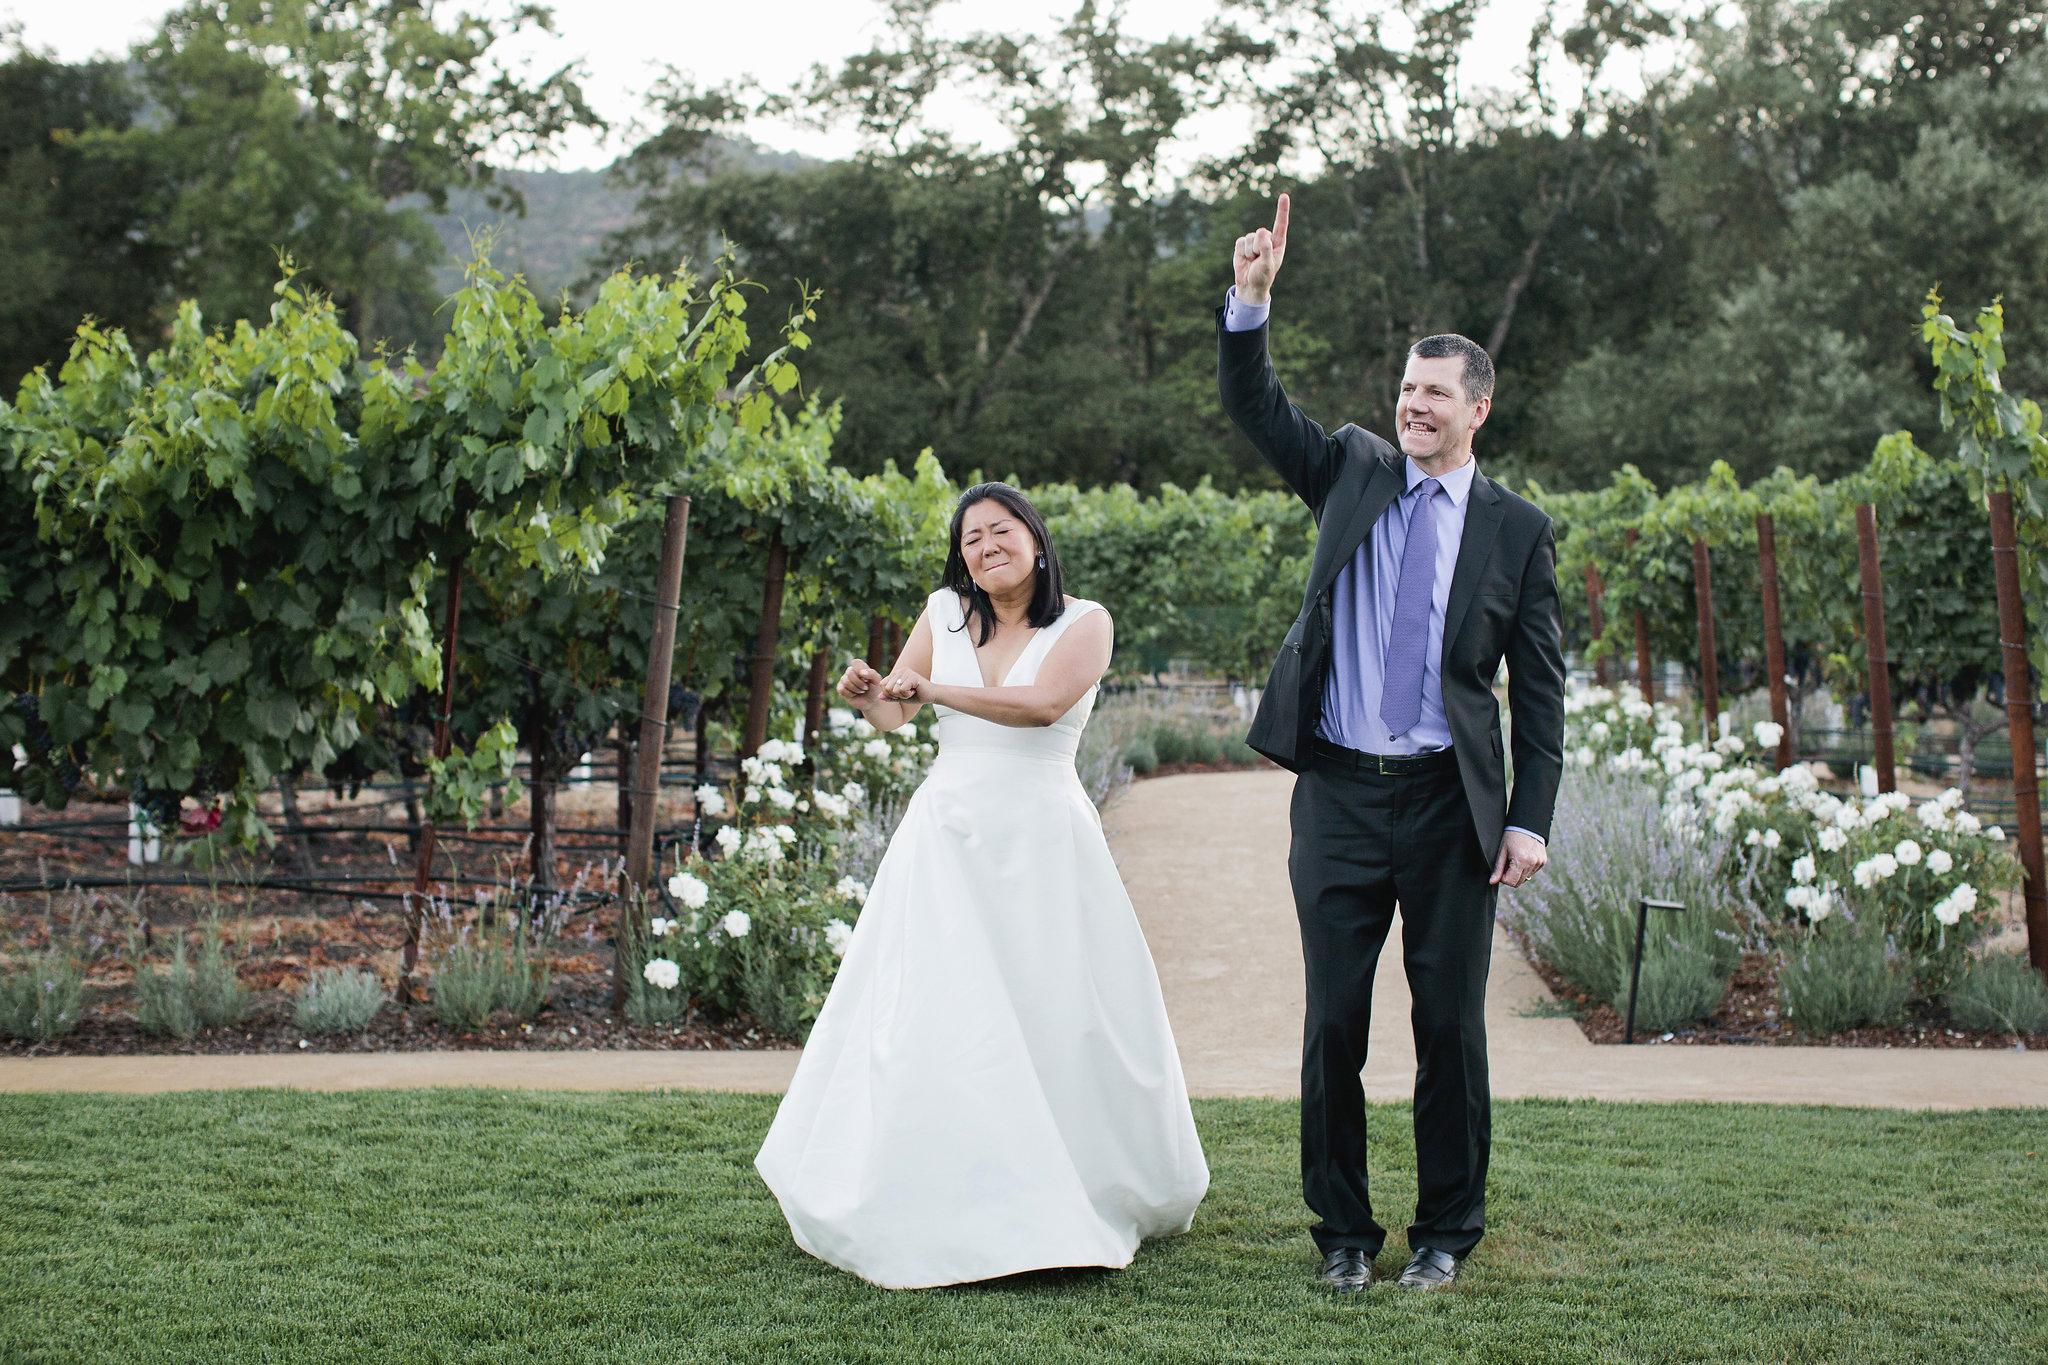 Best-BayArea-Wedding-Photo-17.JPG